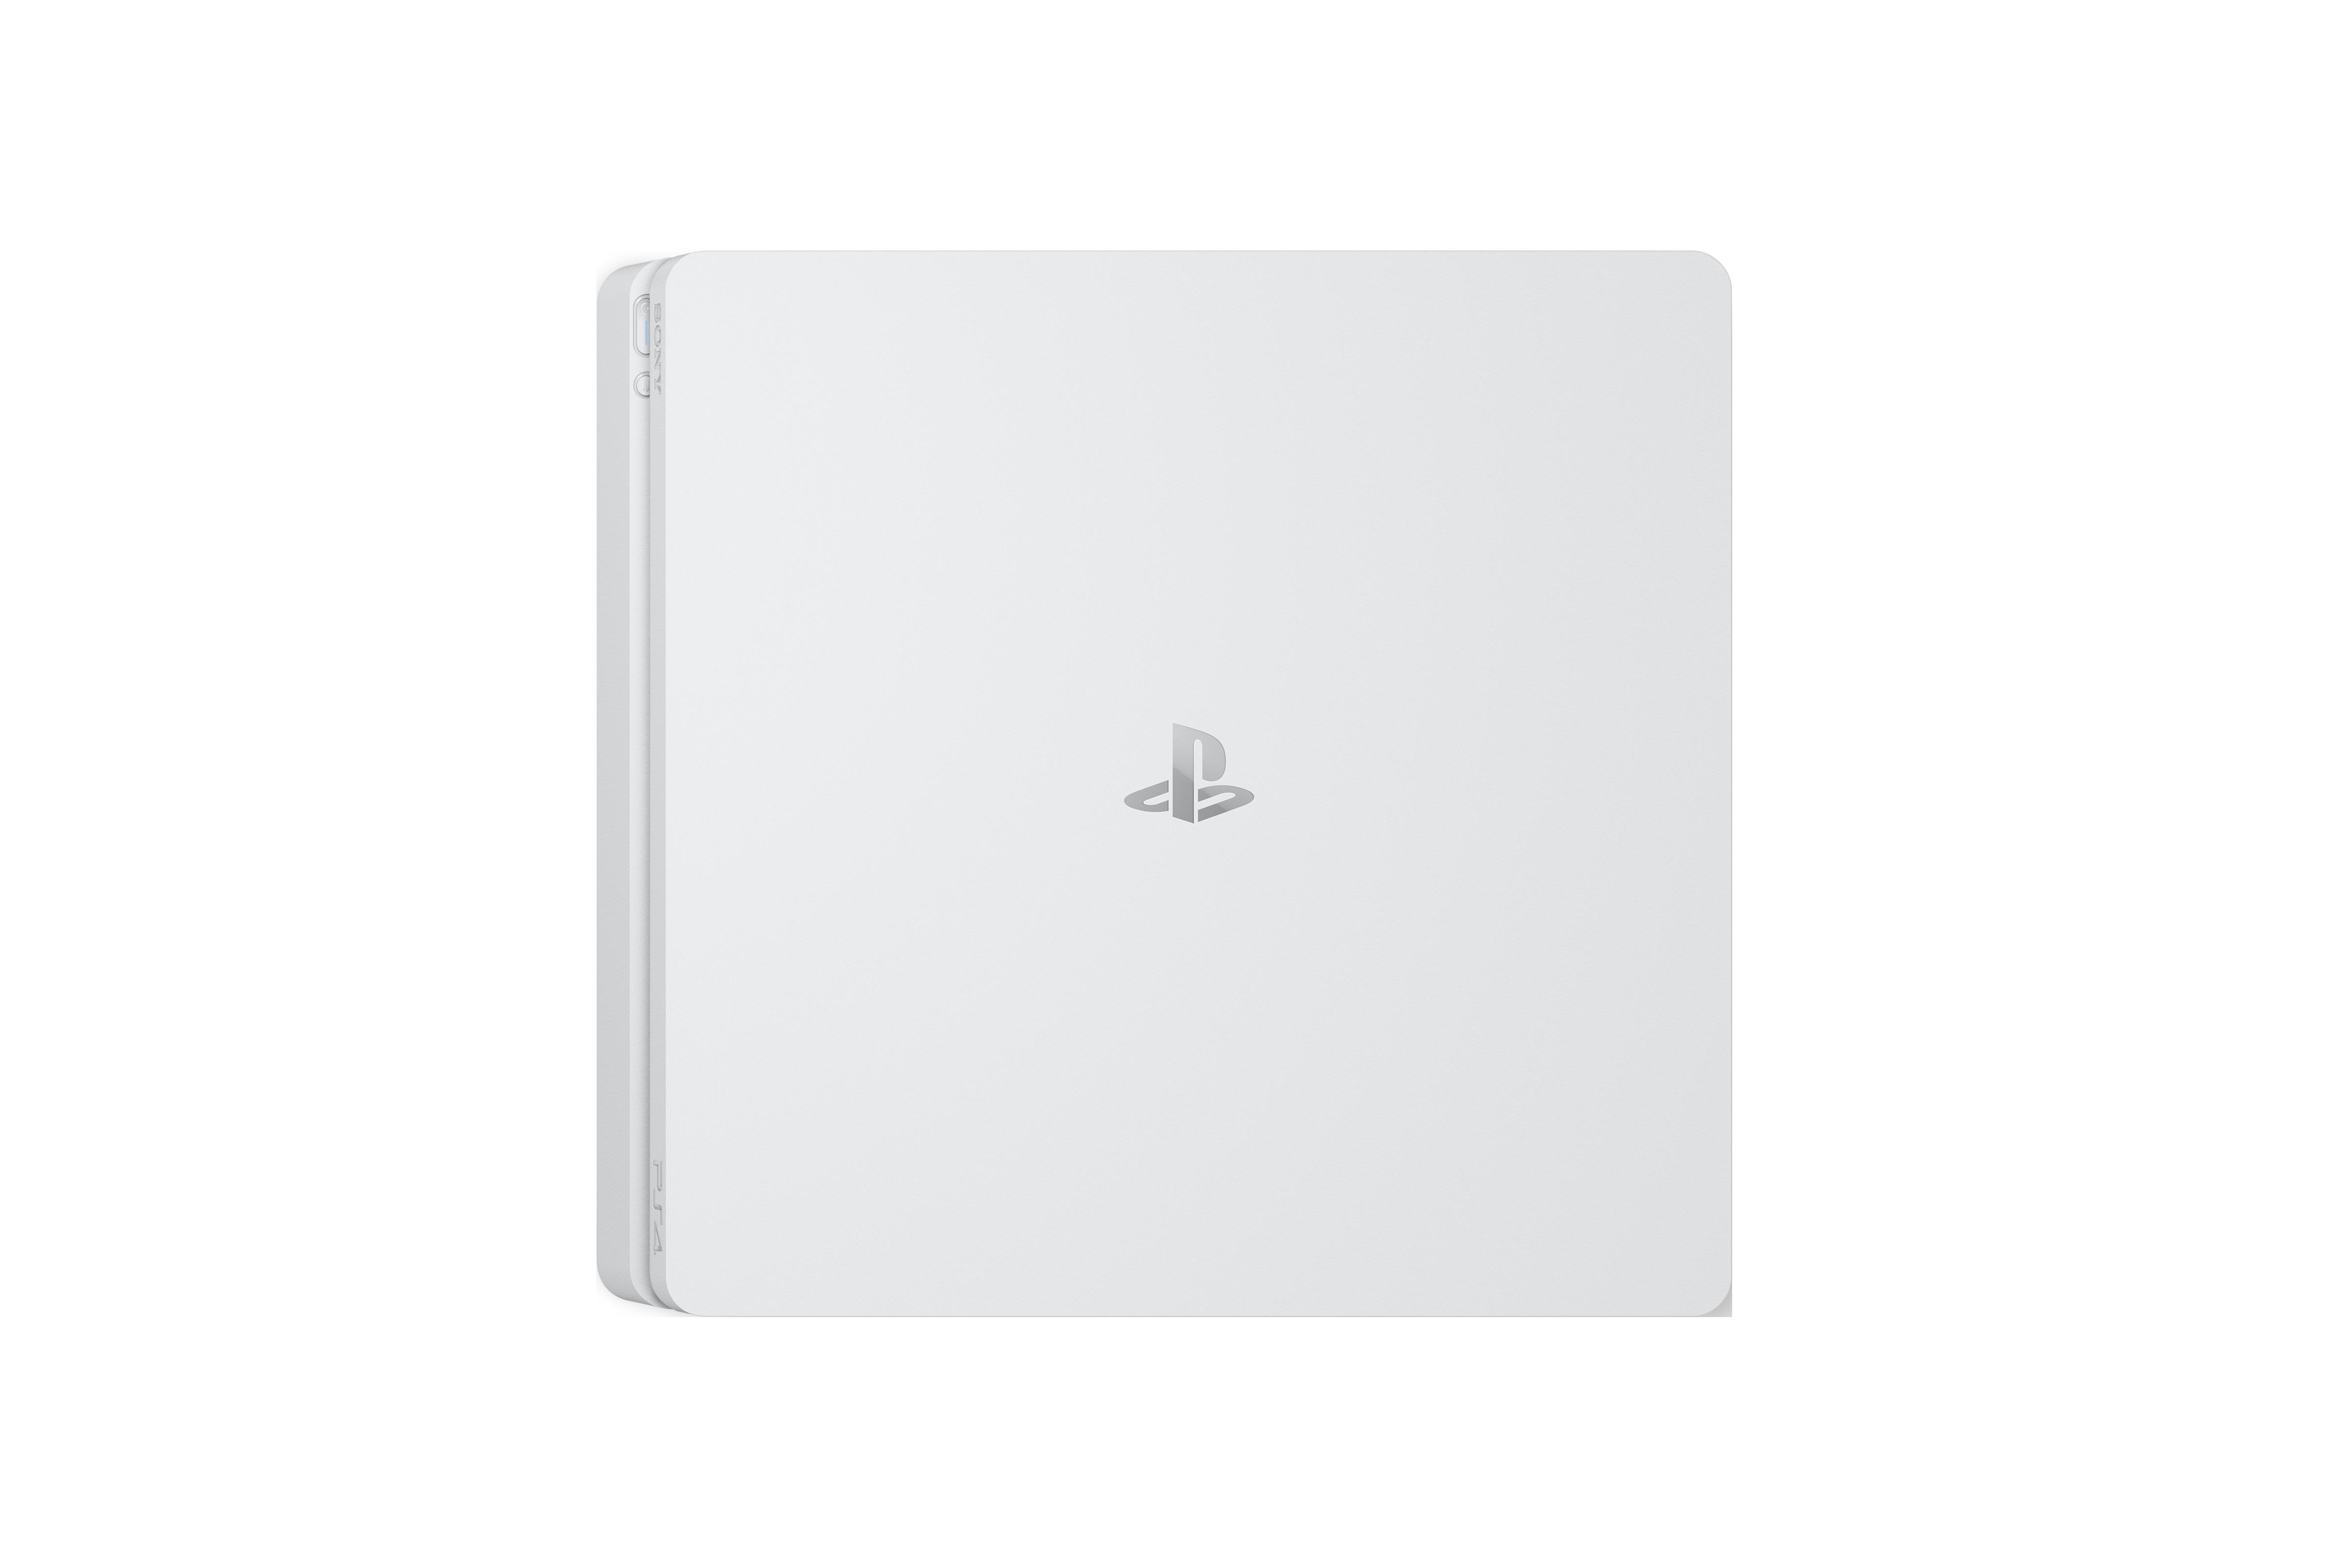 PS4_2000_White_04